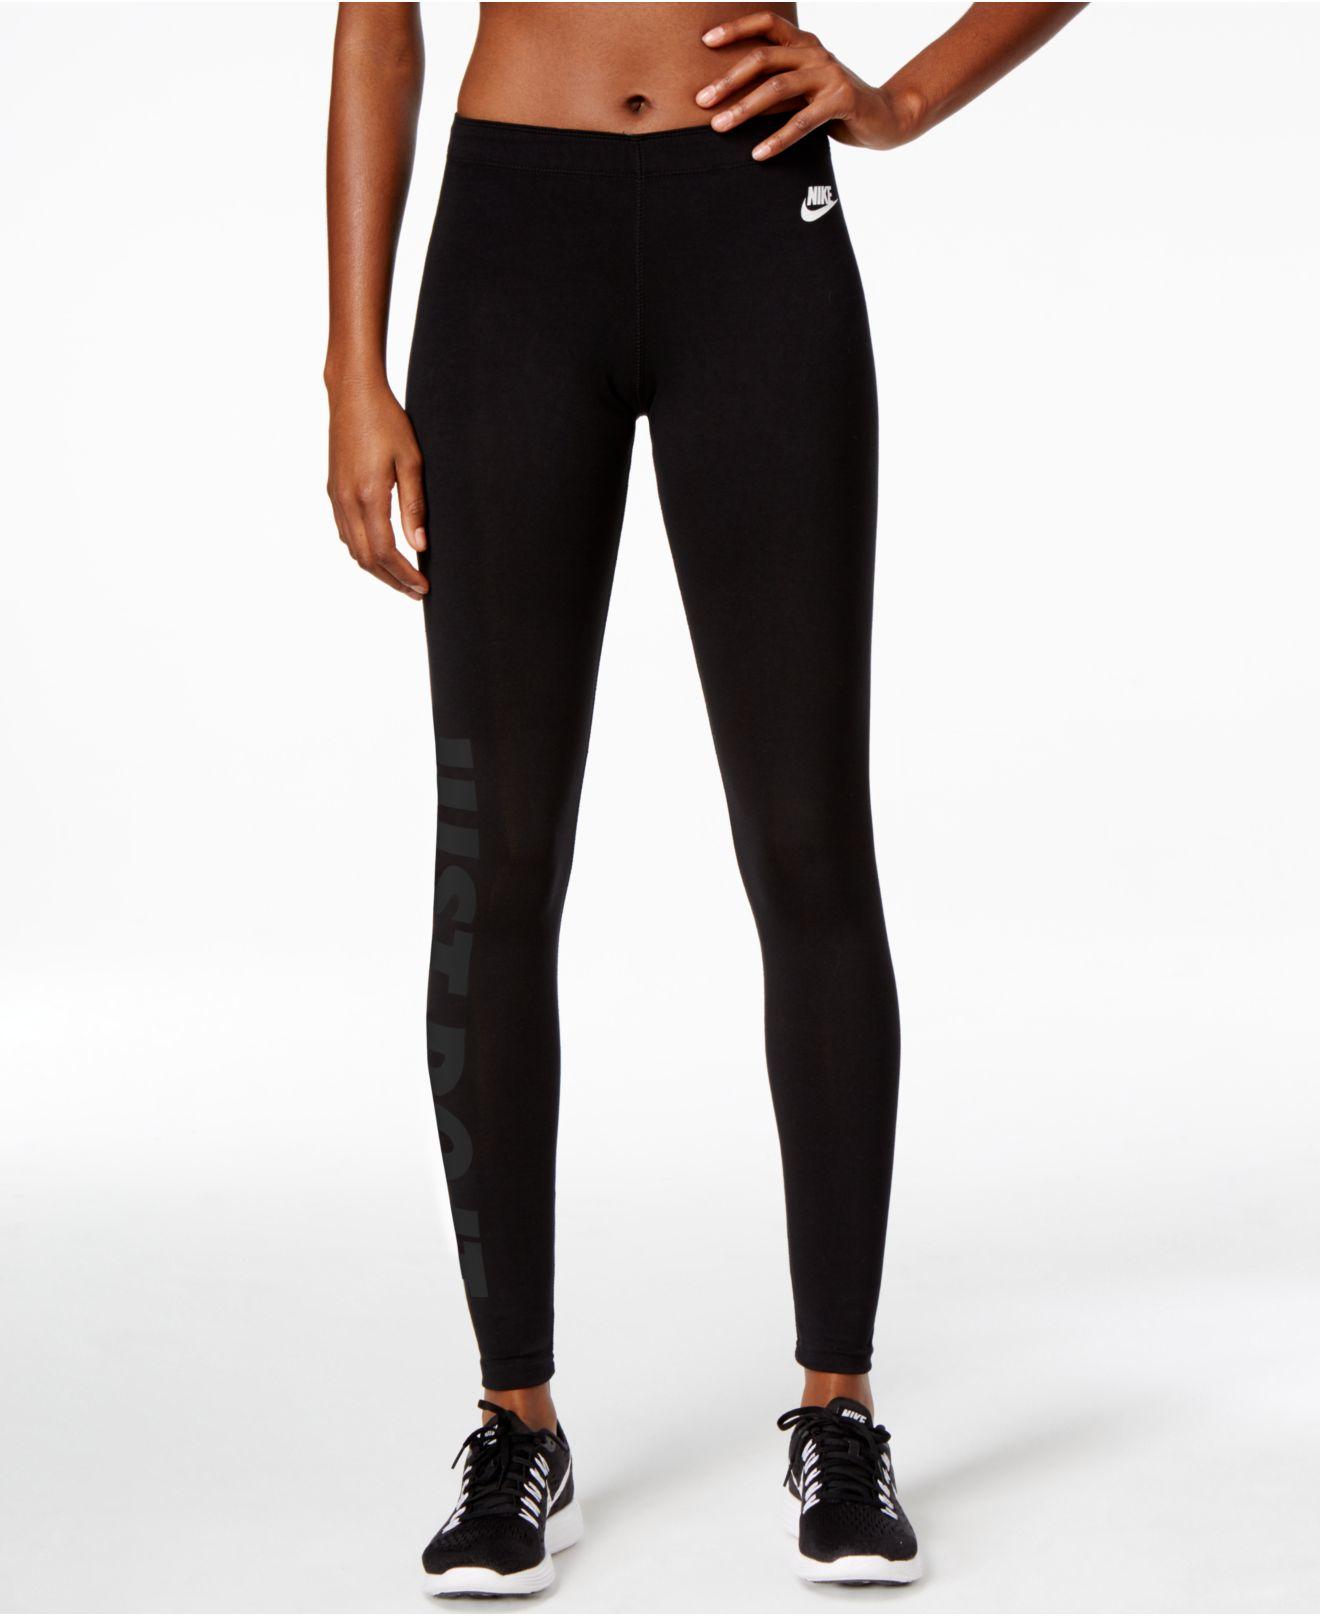 New CatchOfTheDaycomau  Nike Women39s LegASeeJust Do It Pant  Black